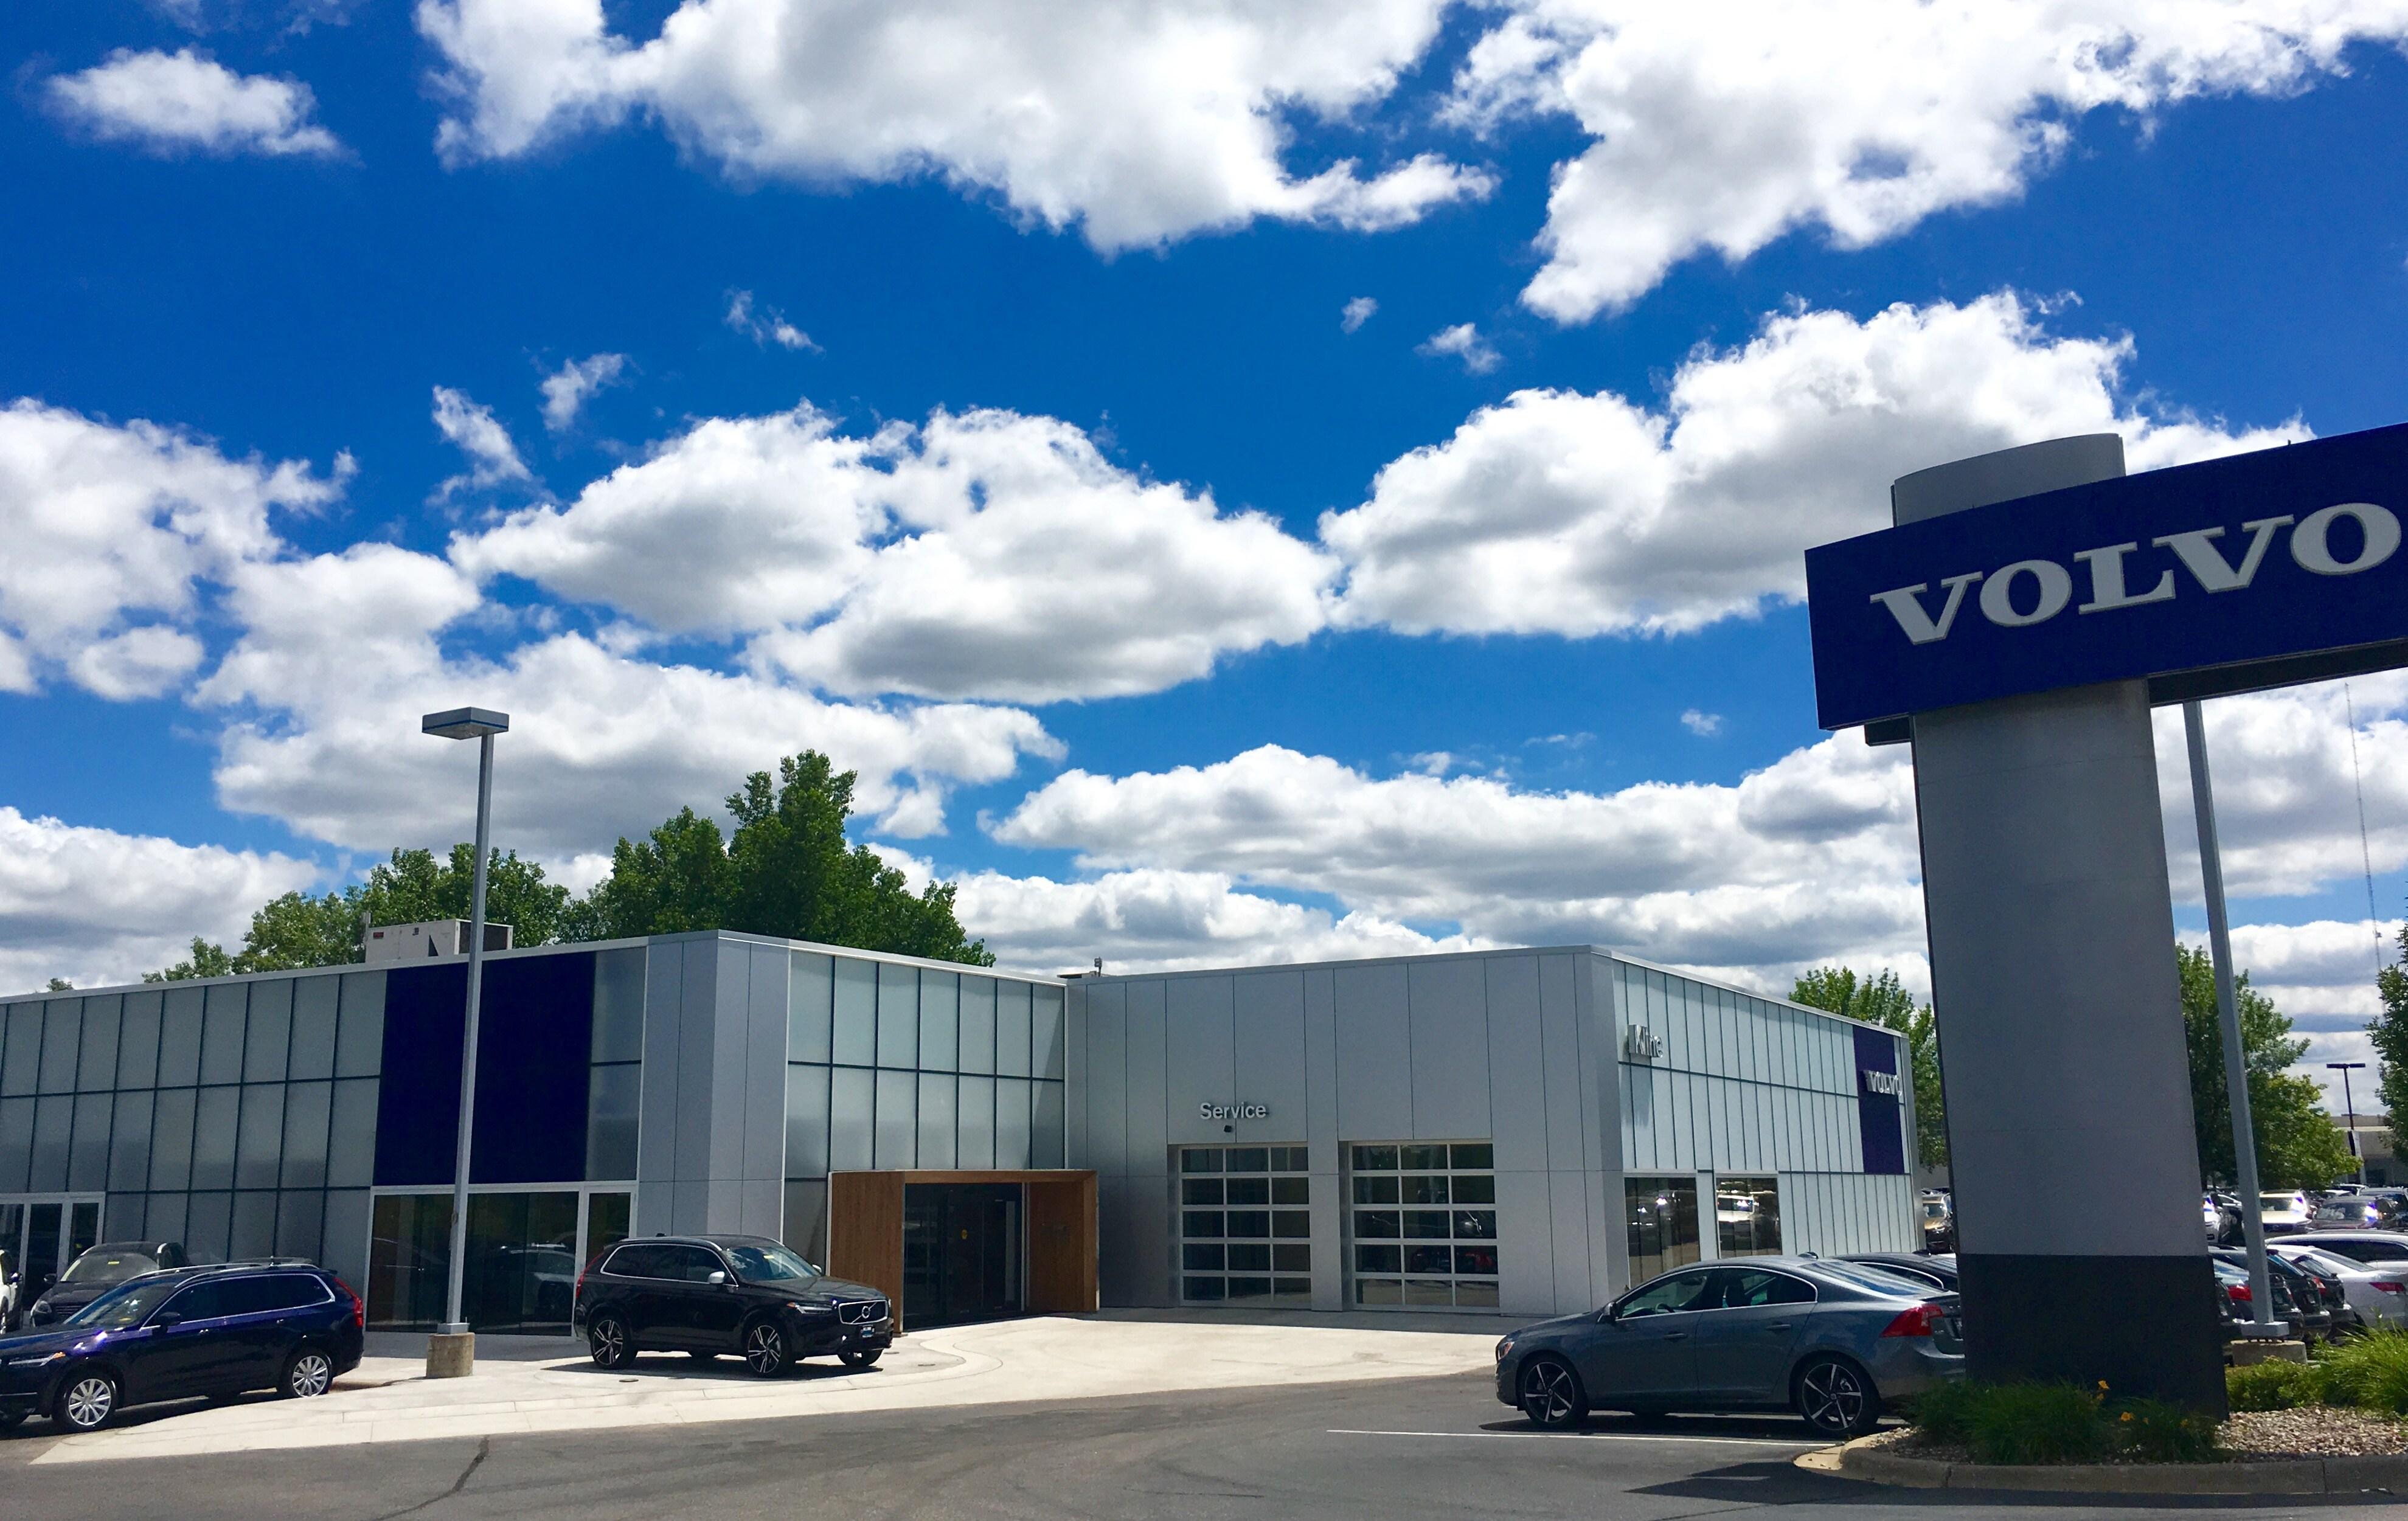 kline auto world | new nissan, volvo dealership in n. maplewood, mn